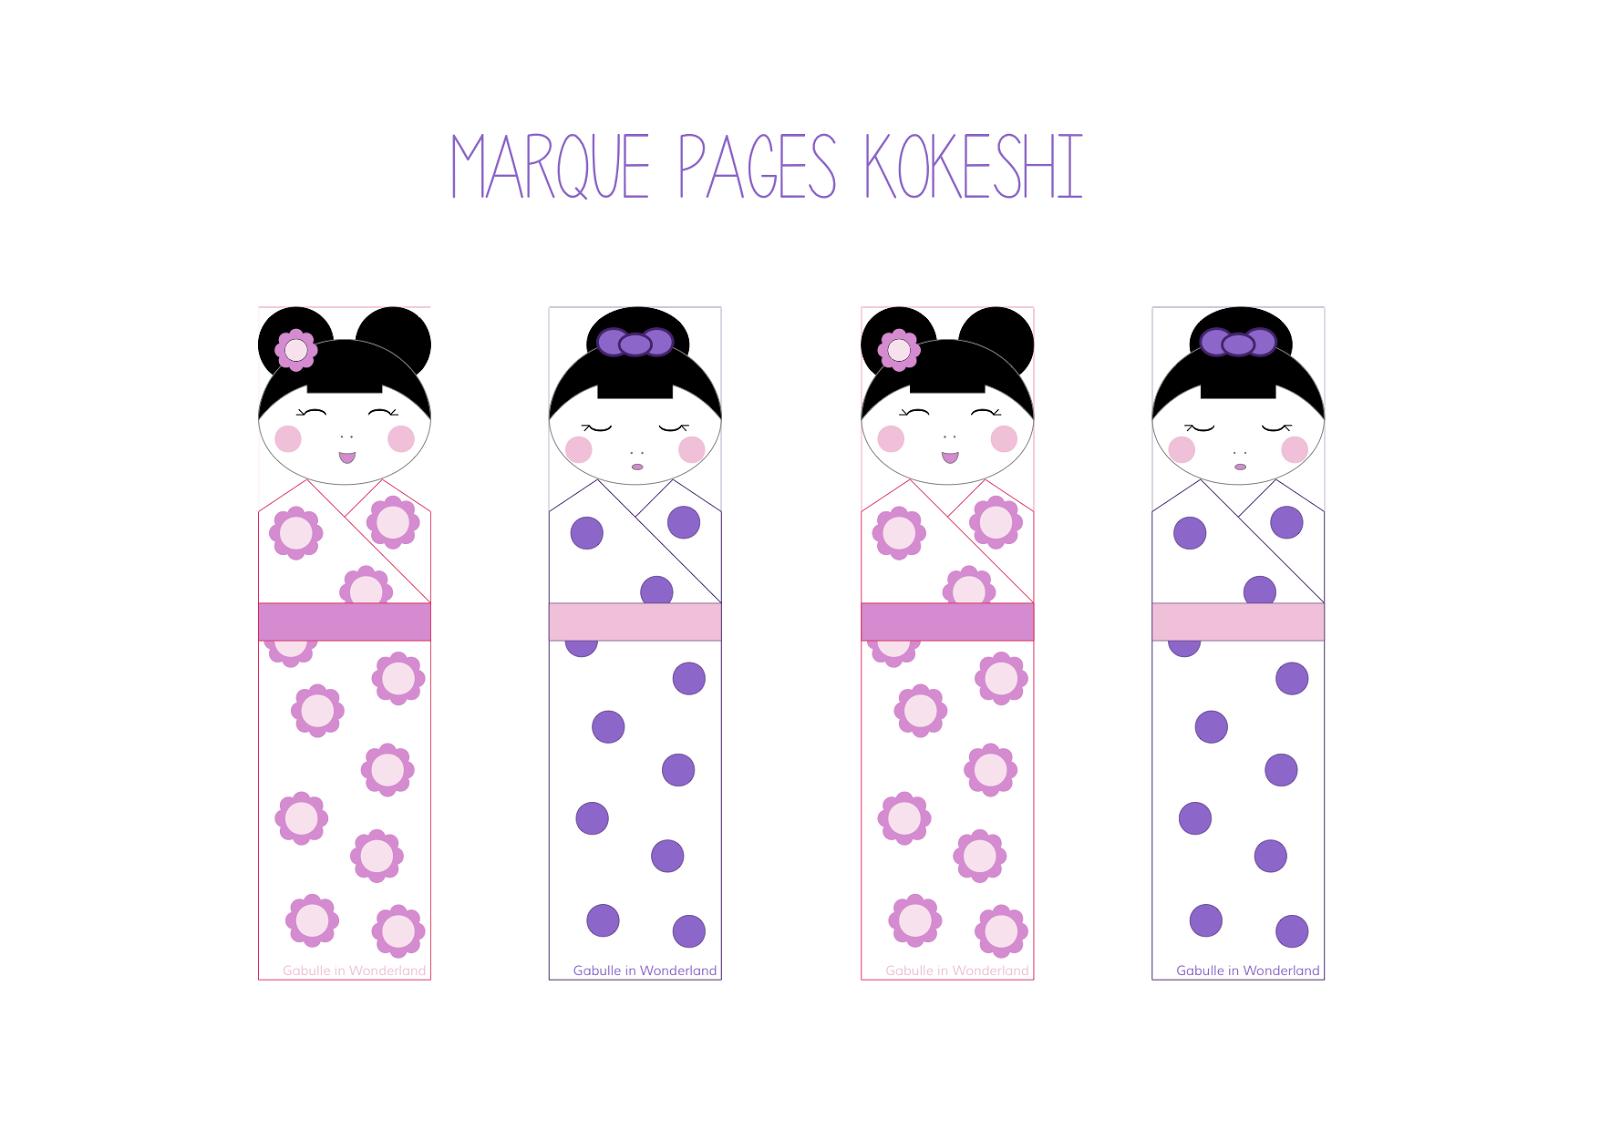 Gabulle In Wonderland: Marque Pages Kokeshi À Imprimer encequiconcerne Marque Page Gratuit À Imprimer